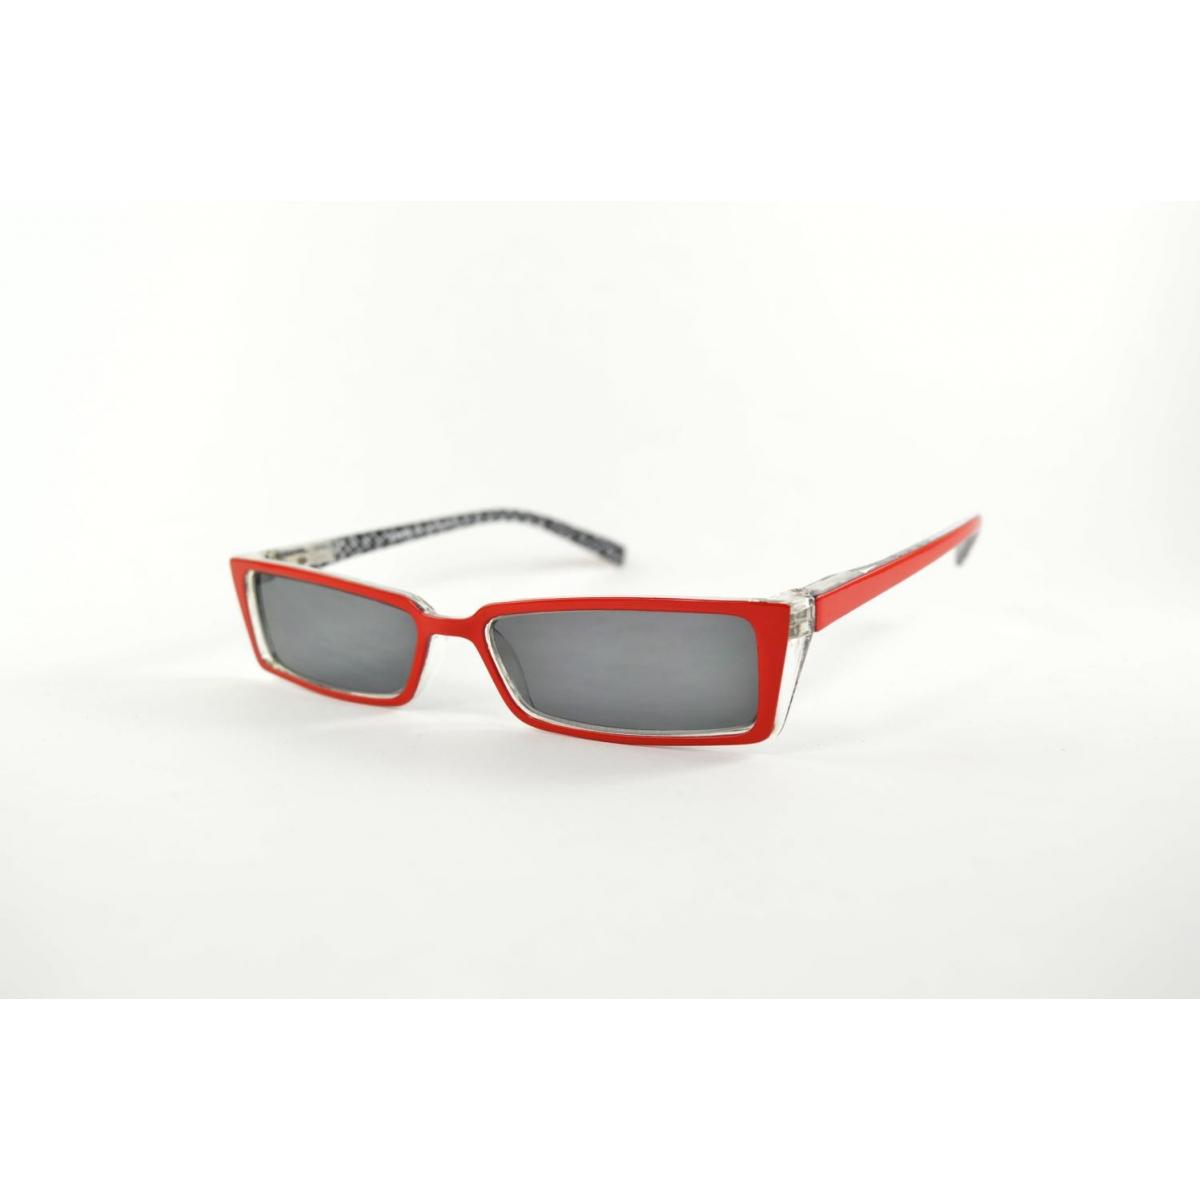 Lunettes de lecture solaires oeil de chat rouges fines intérieur imprimé losange noir